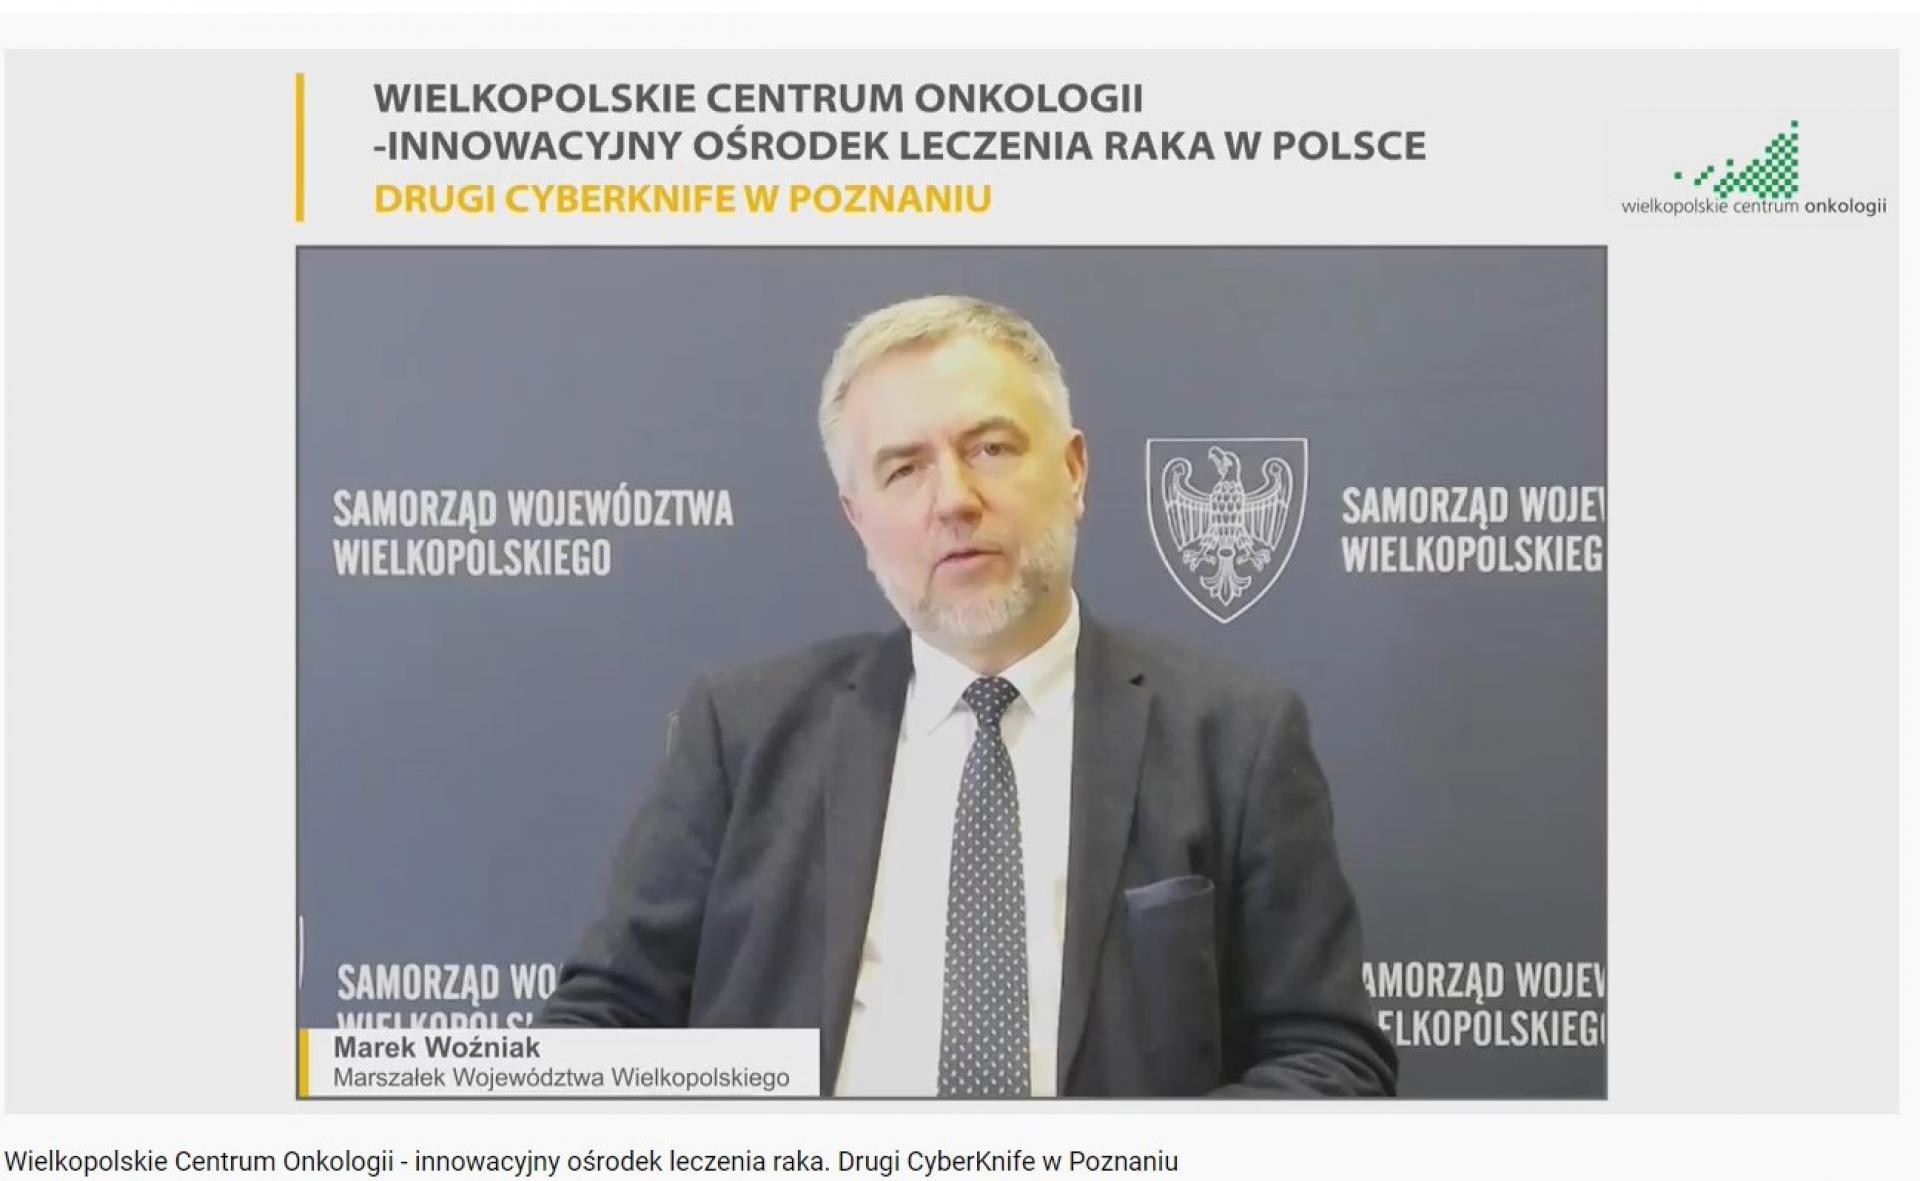 Samorząd Województwa Wielkopolskiego dofinansował zakup drugiego urządzenia typu CyberKnife przez WCO w Poznaniu  - zobacz więcej